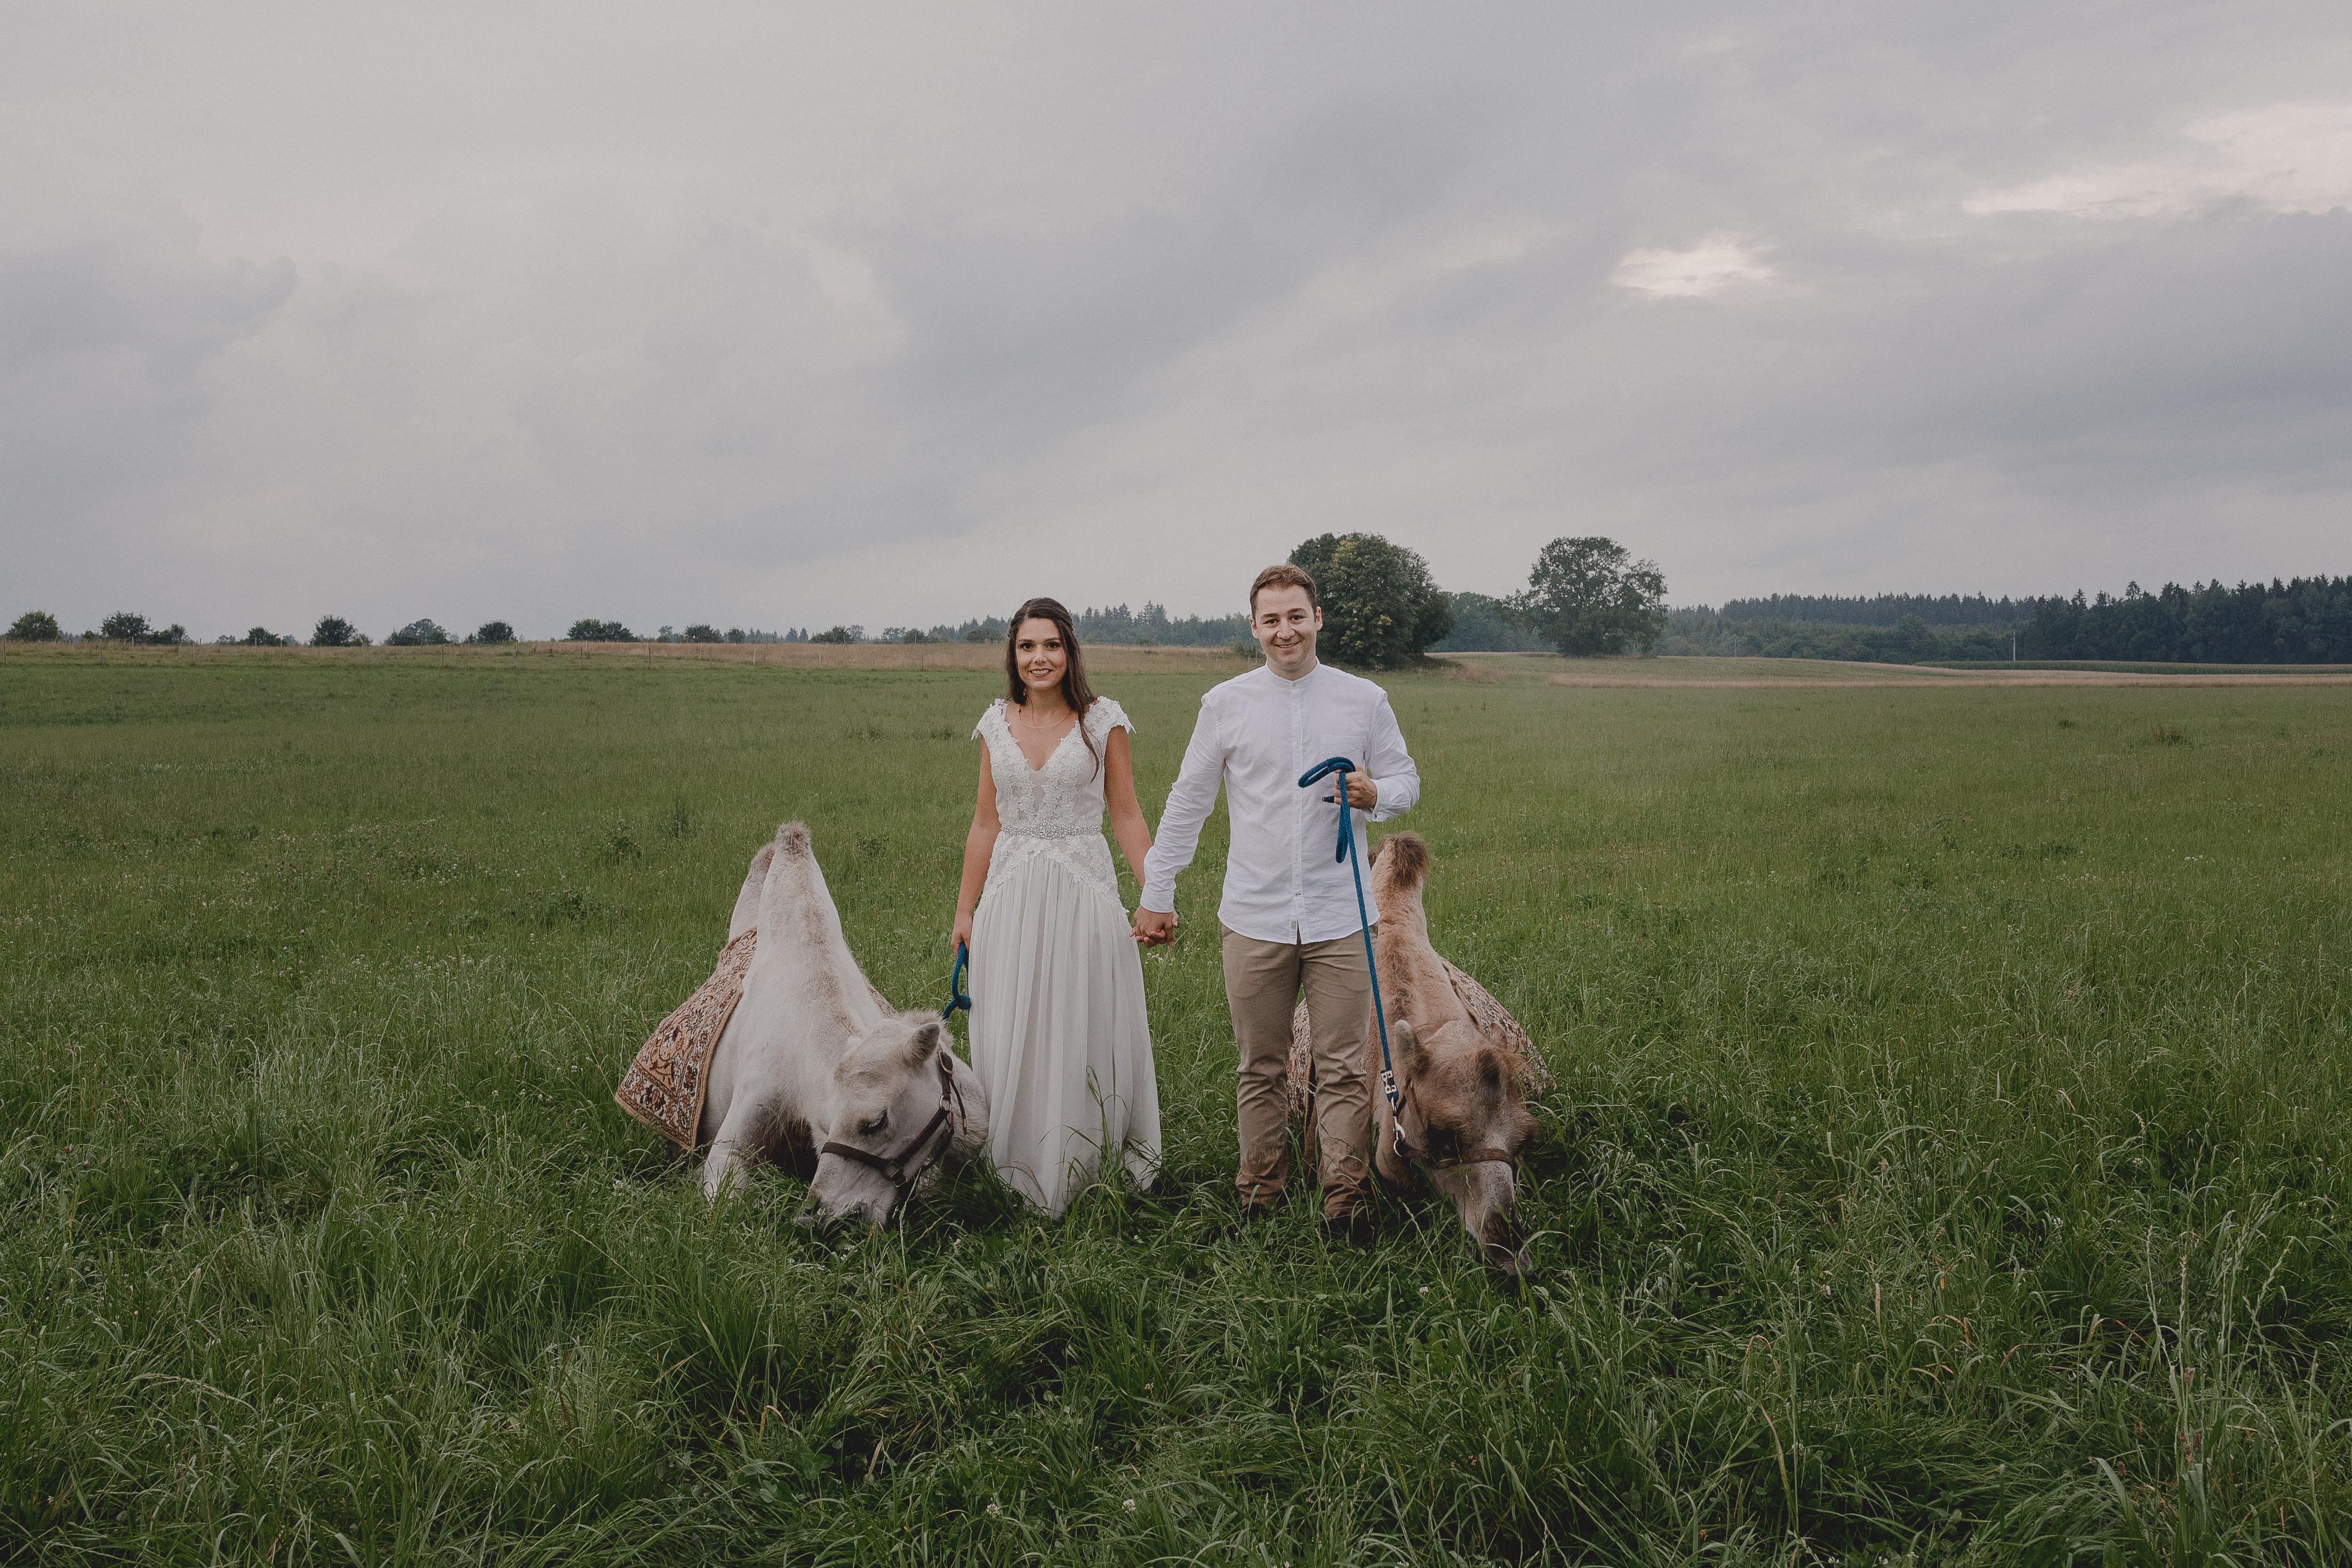 URBANERIE_Daniela_Goth_Vintage_Hochzeitsfotografin_Nuernberg_Fuerth_Erlangen_180721_0162